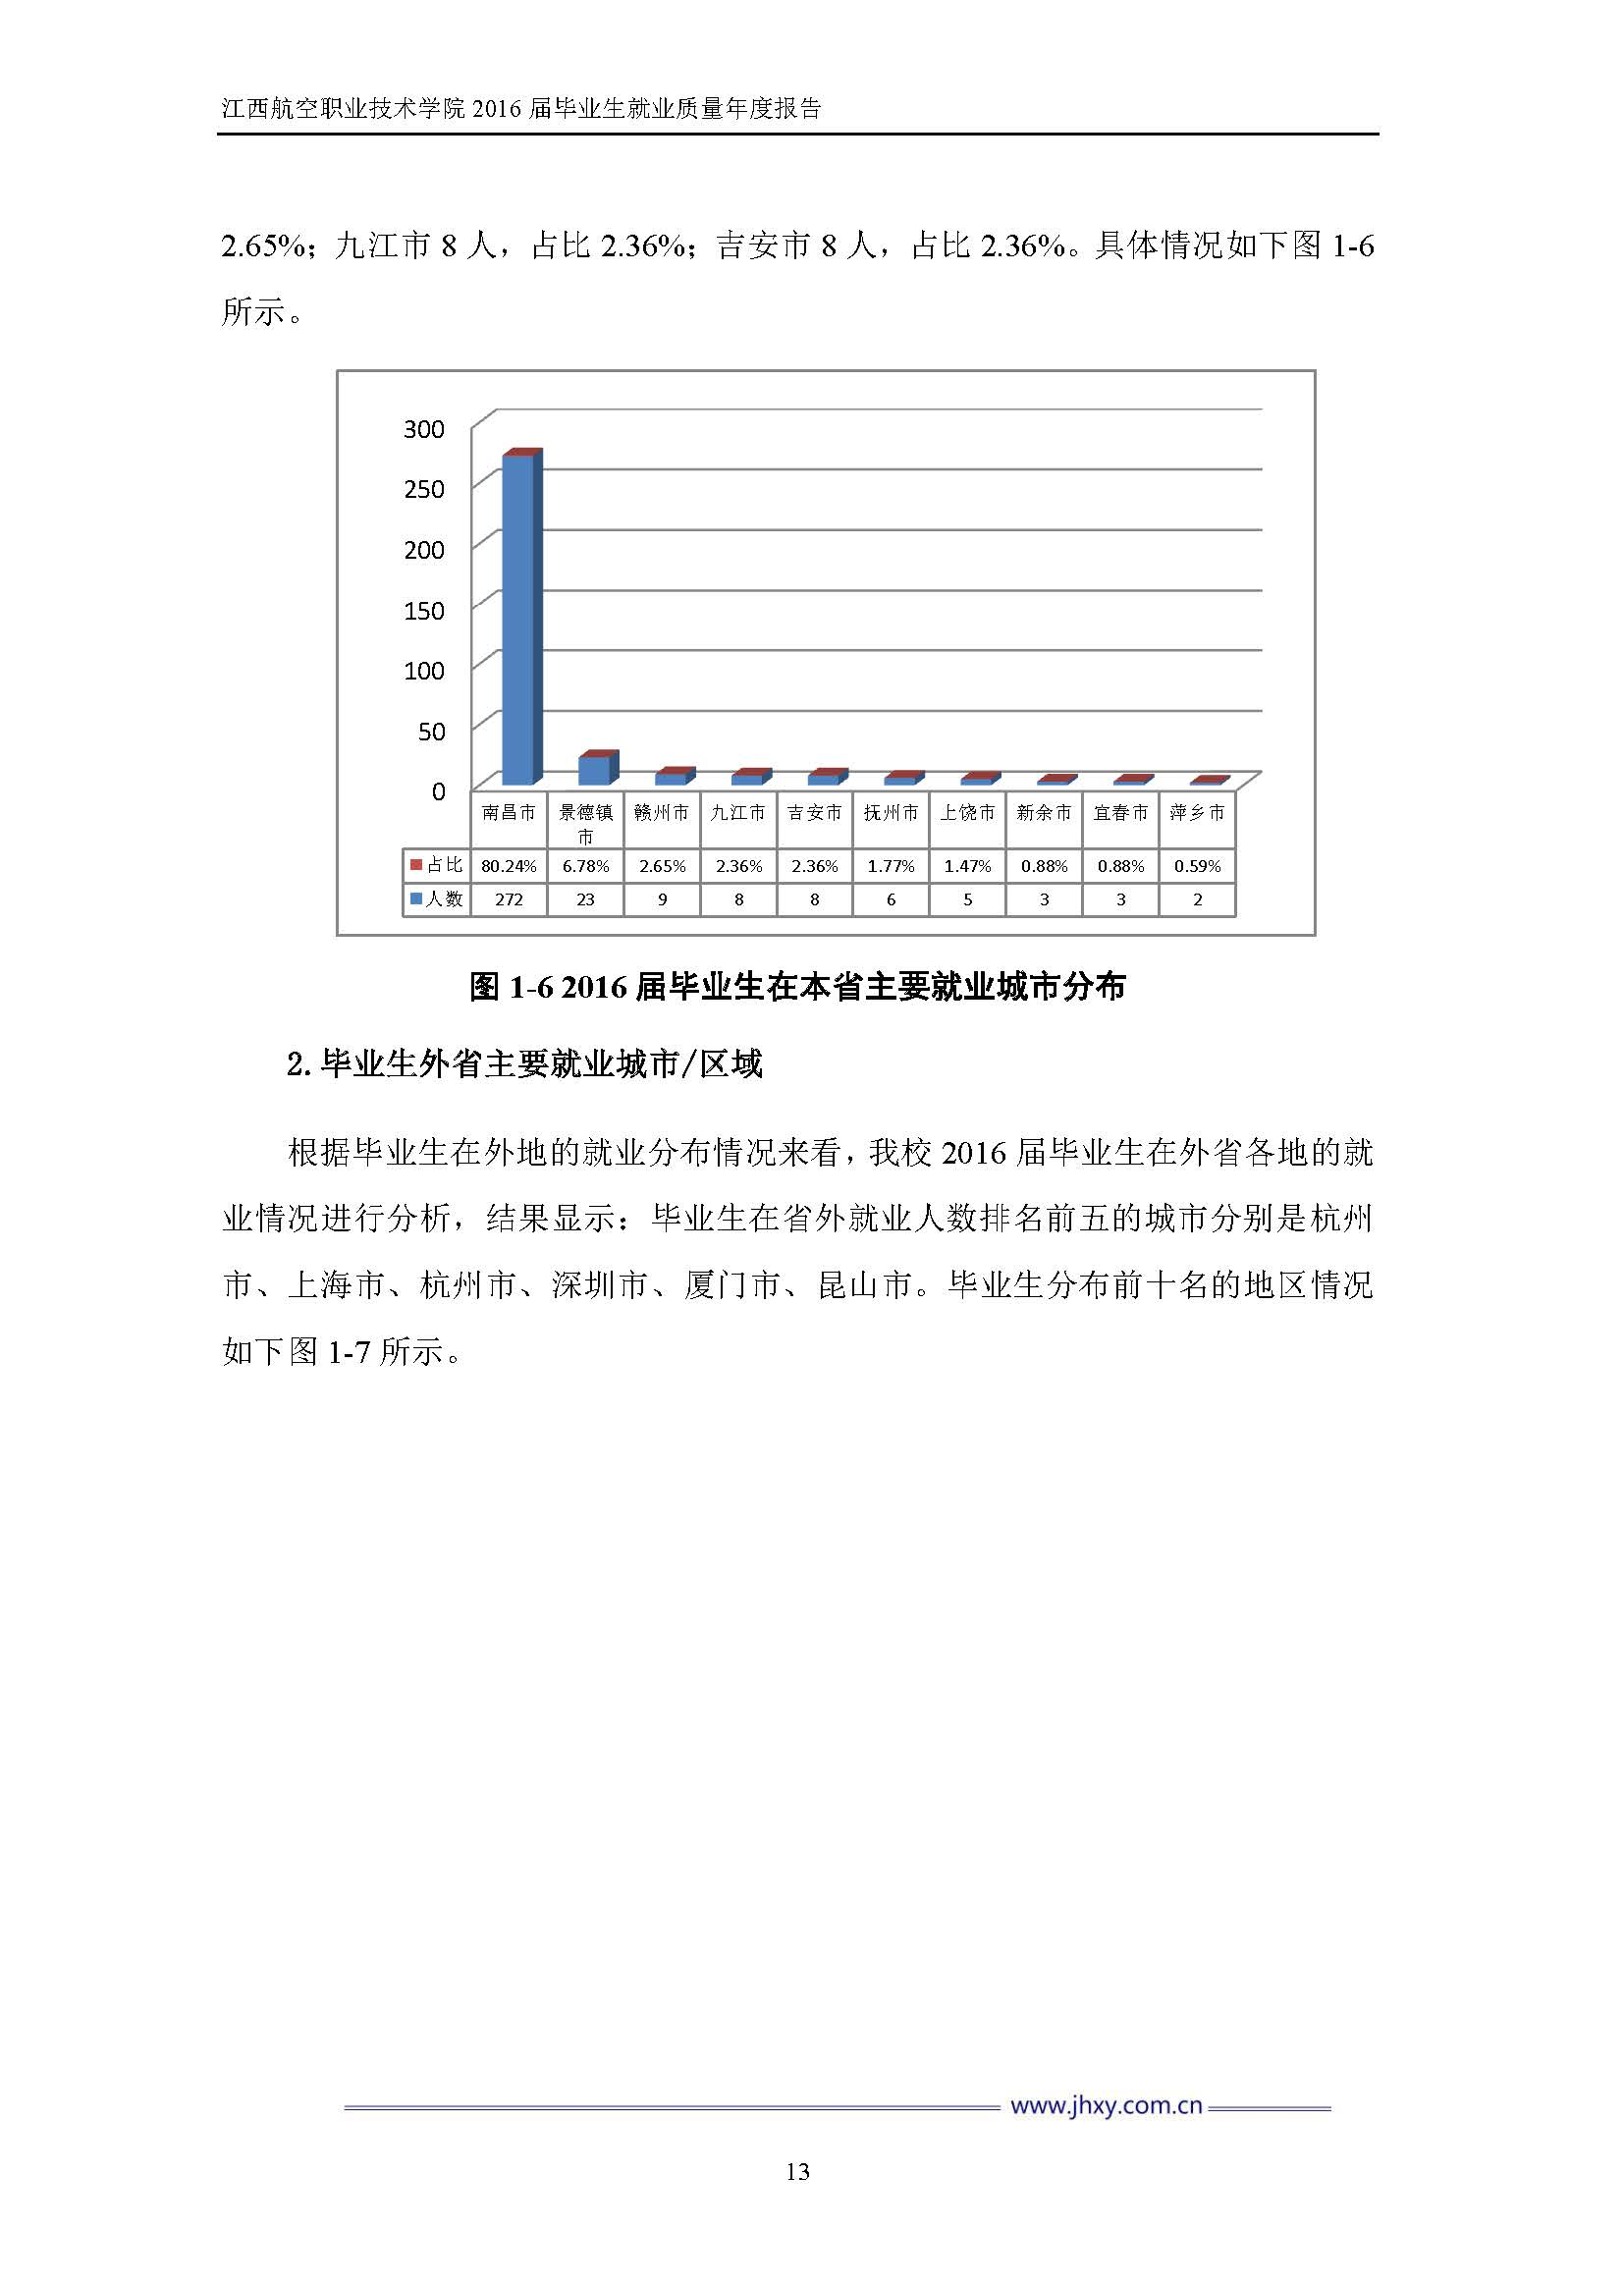 江西航空职业技术学院2016届毕业生就业质量年度报告_Page_20.jpg